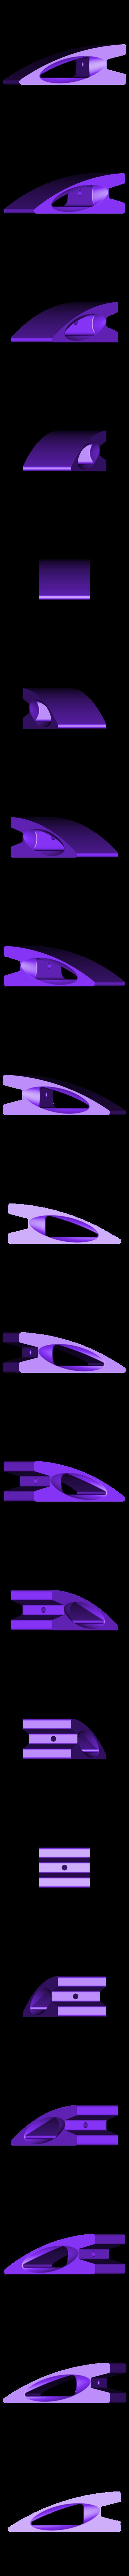 base.STL Télécharger fichier STL gratuit Outil de ponçage • Plan imprimable en 3D, perinski